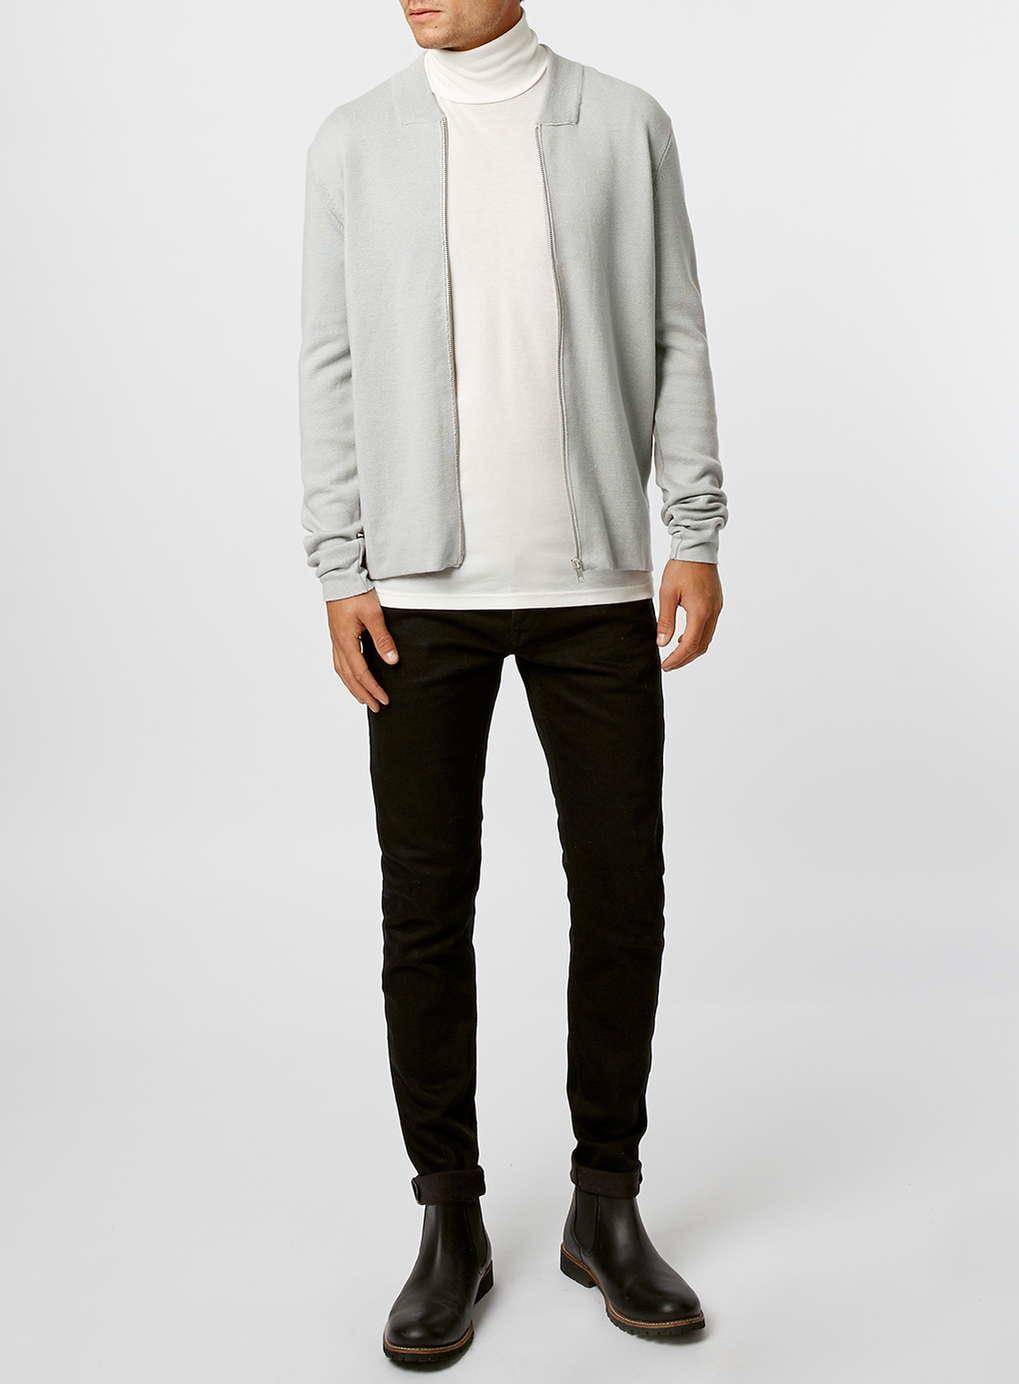 244fc9627 Lyst - TOPMAN Light Grey Knitted Bomber Jacket in Gray for Men